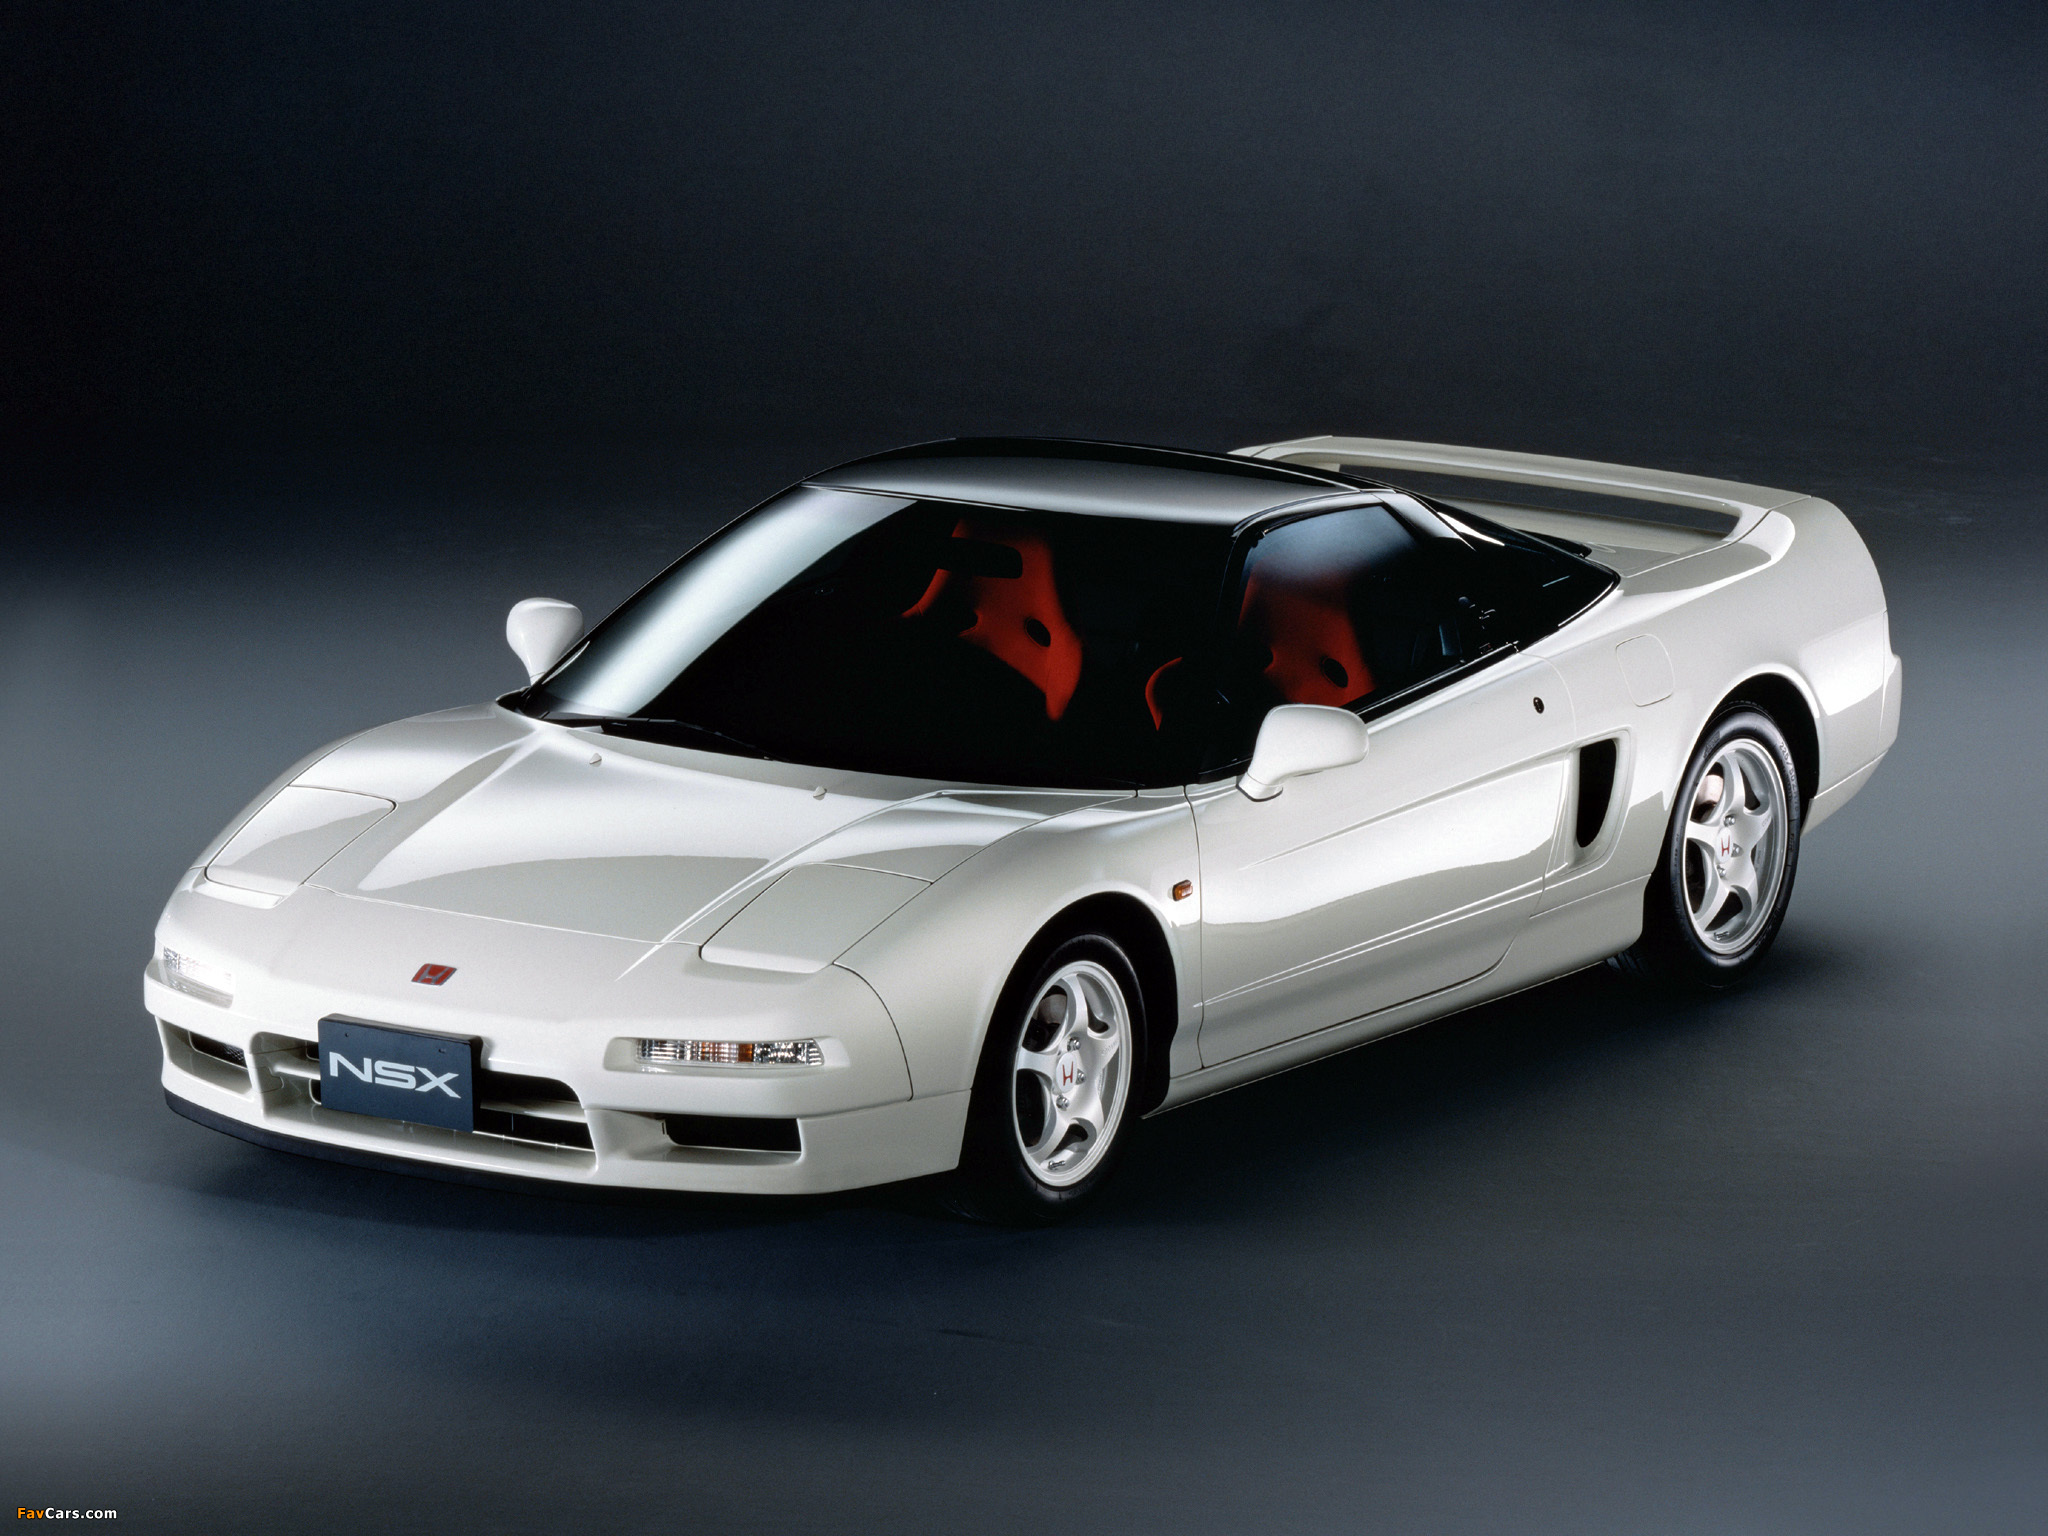 honda nsx coupe 1990 honda nsx coupe 1990